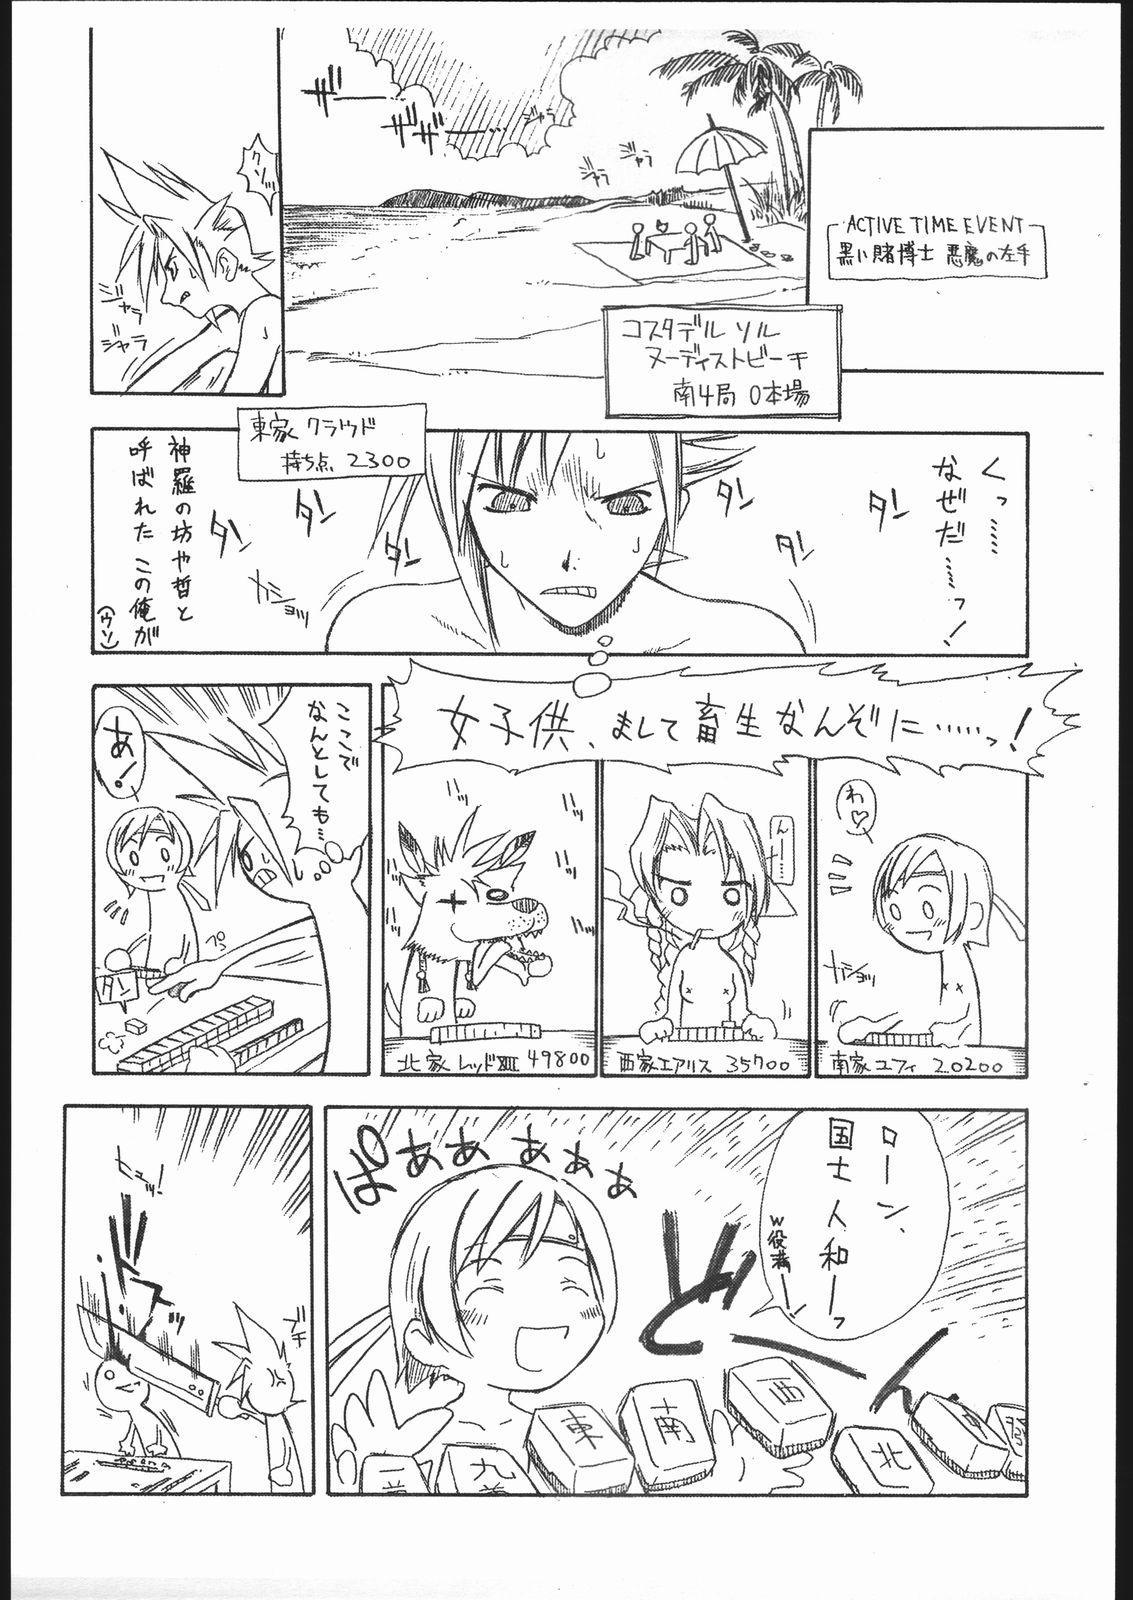 Konkai no Teki wa Futari. 20